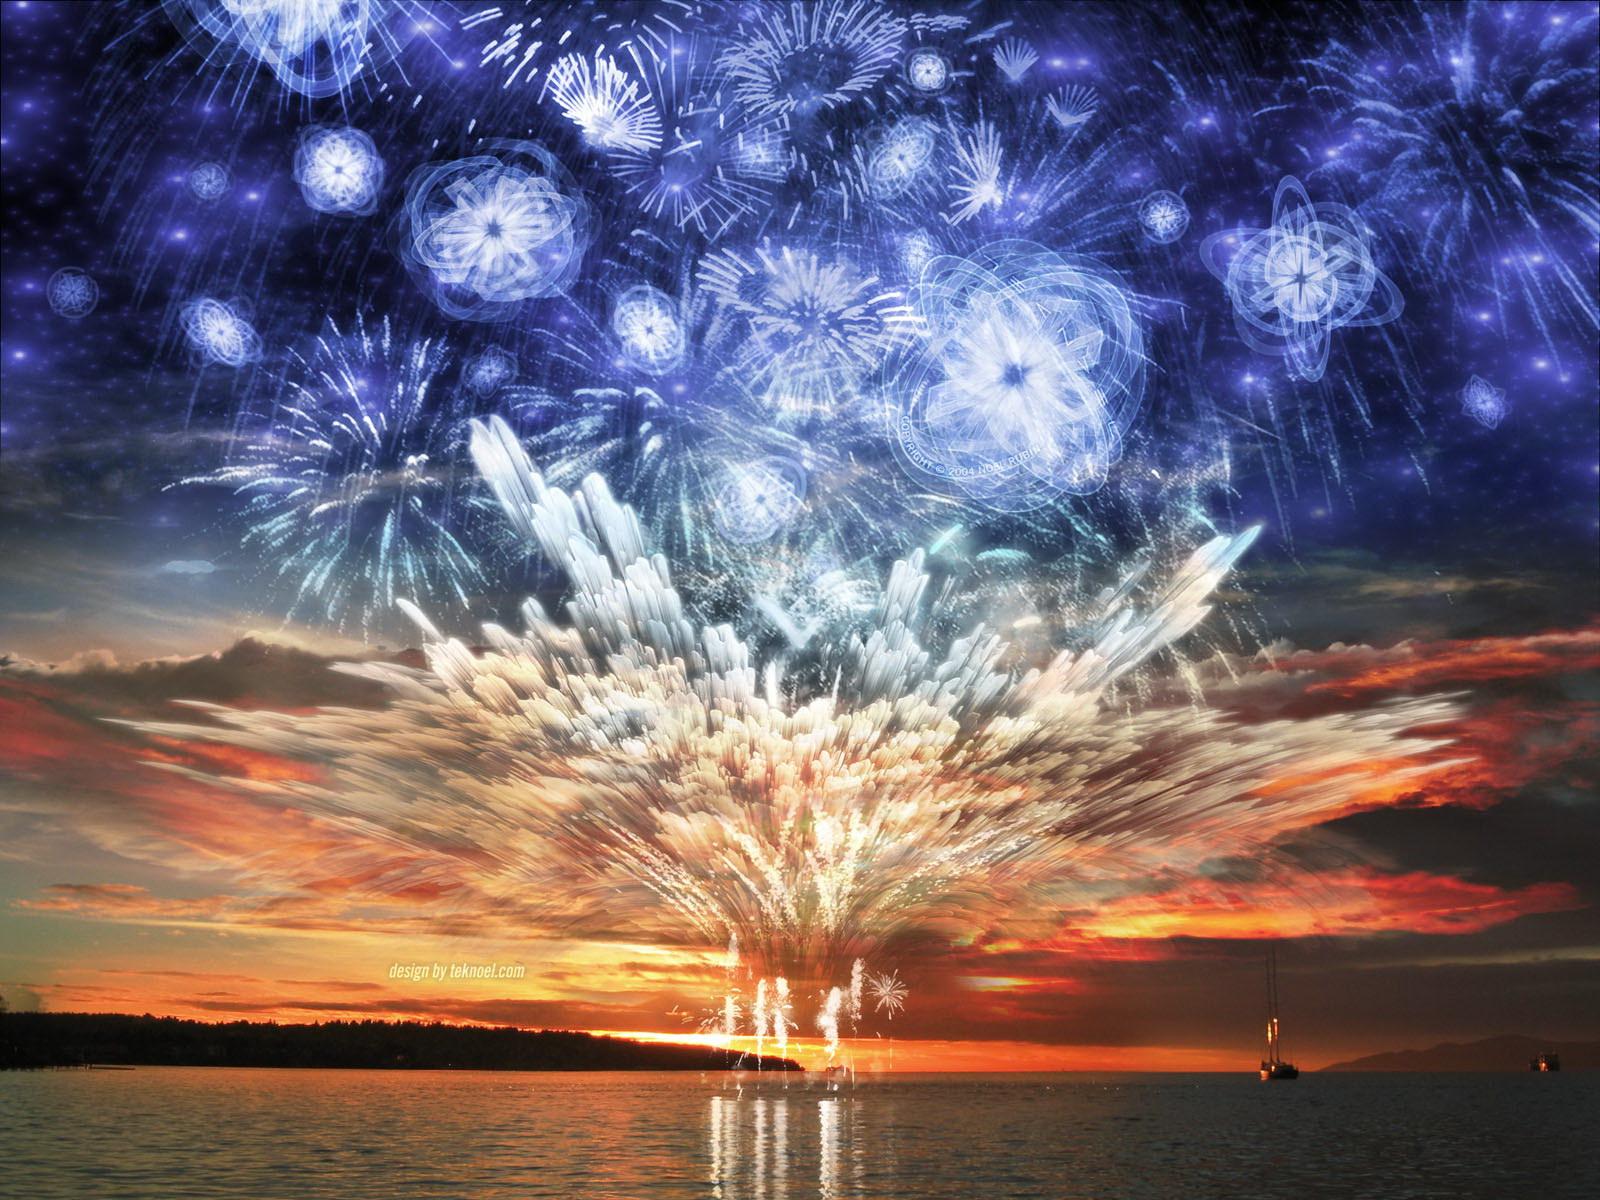 [ประกาศผล] กิจกรรมครั้งที่ 1 By.Giroro  Photoshop_Firework_005243_